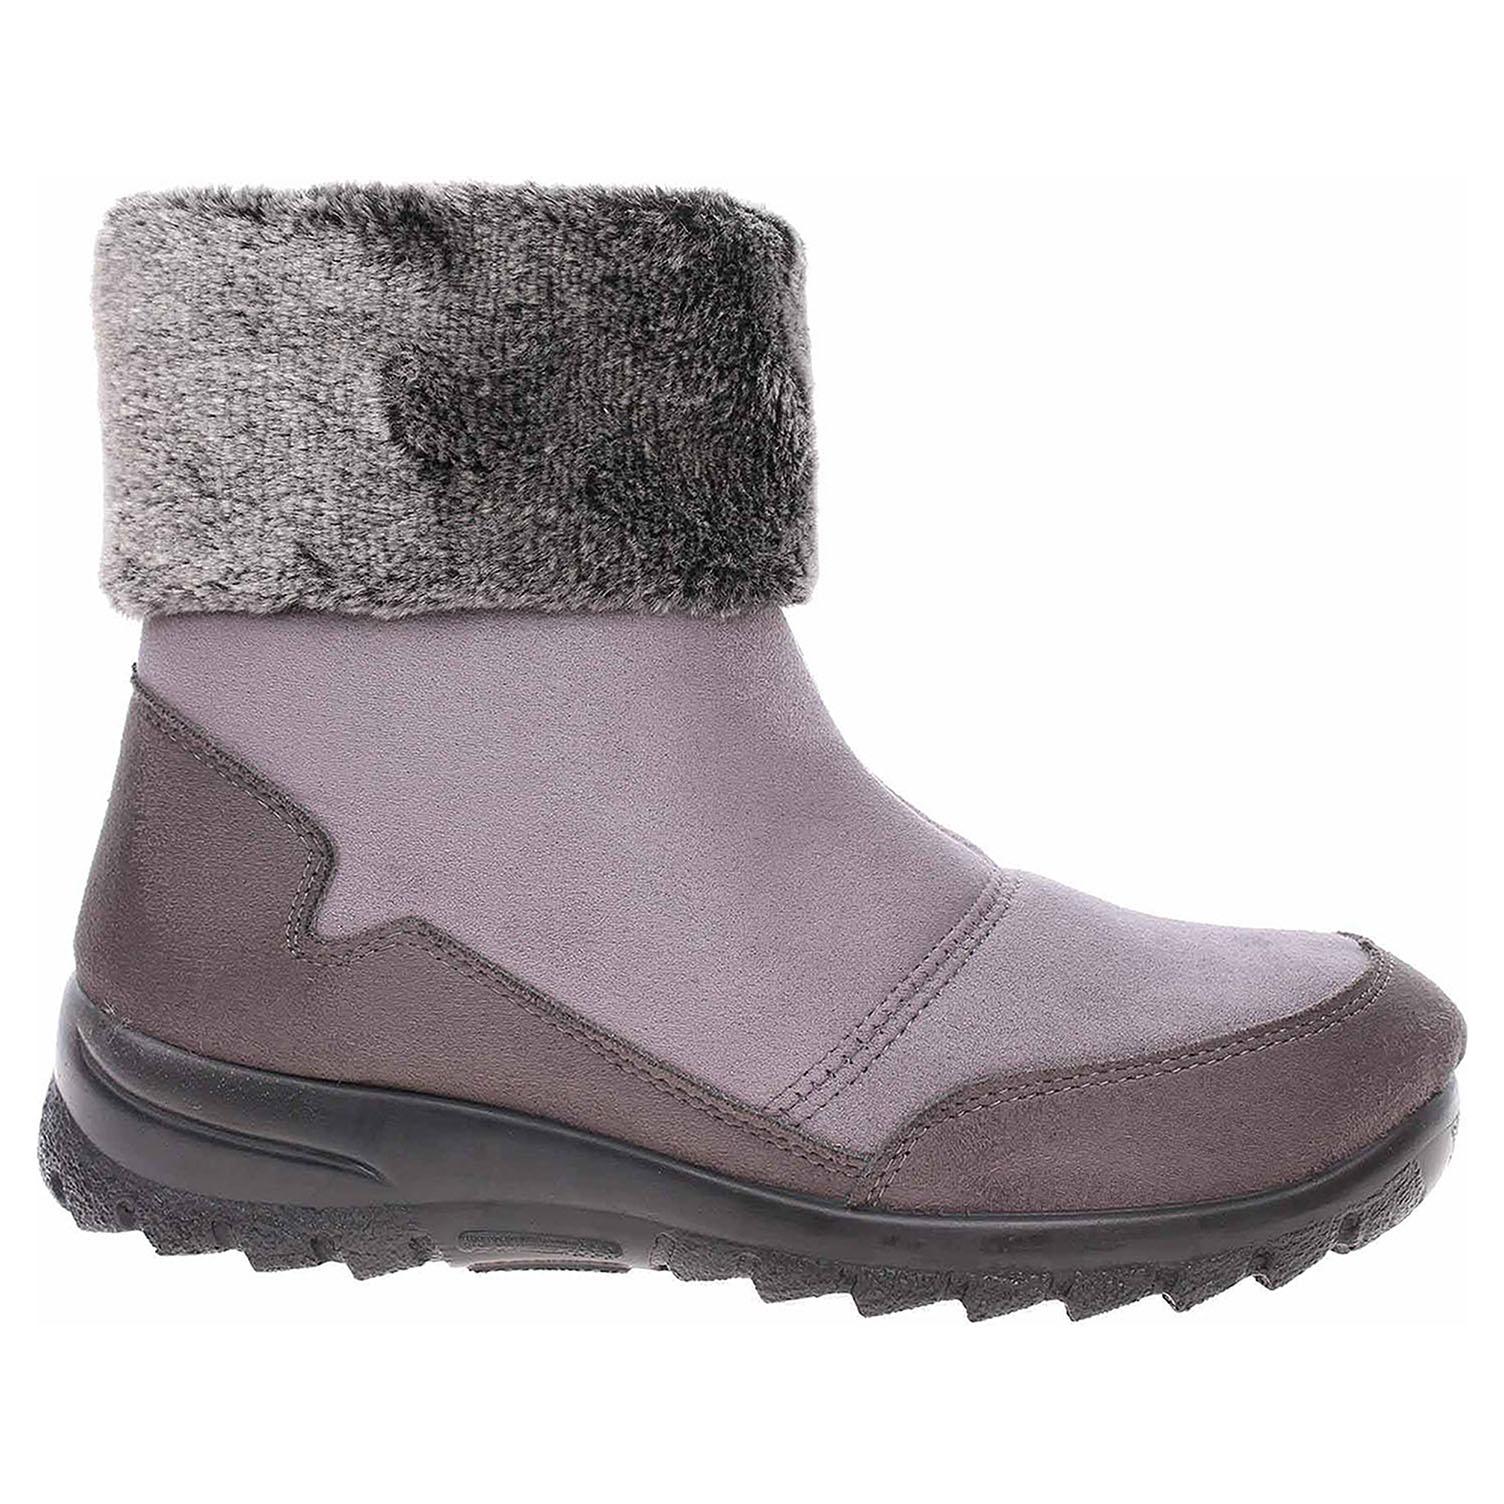 Dámská obuv Rogallo 4509-001 šedá 4509/001 šedá 37